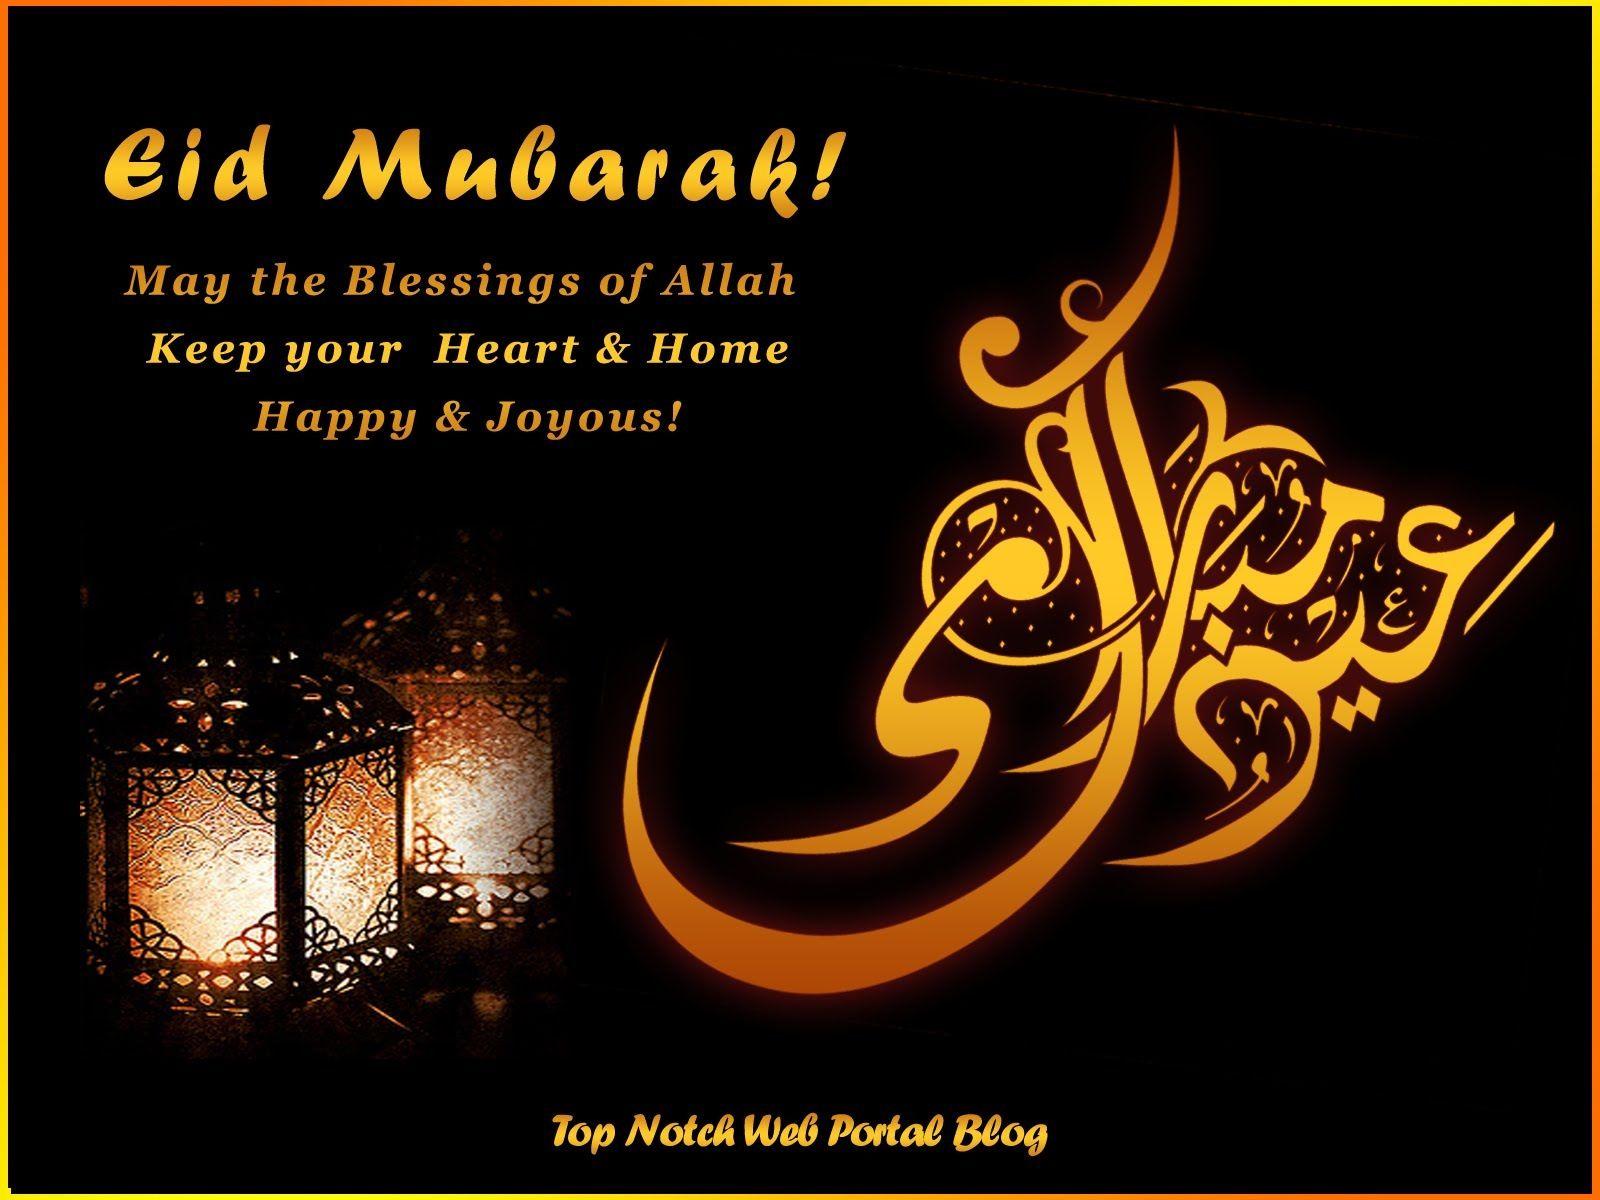 عيدالفطر السعيد مبارك عليكم ٢٠١٣ ٨ ٨ Eid Mubarak Wishes Eid Mubarak Images Eid Mubarak Greeting Cards